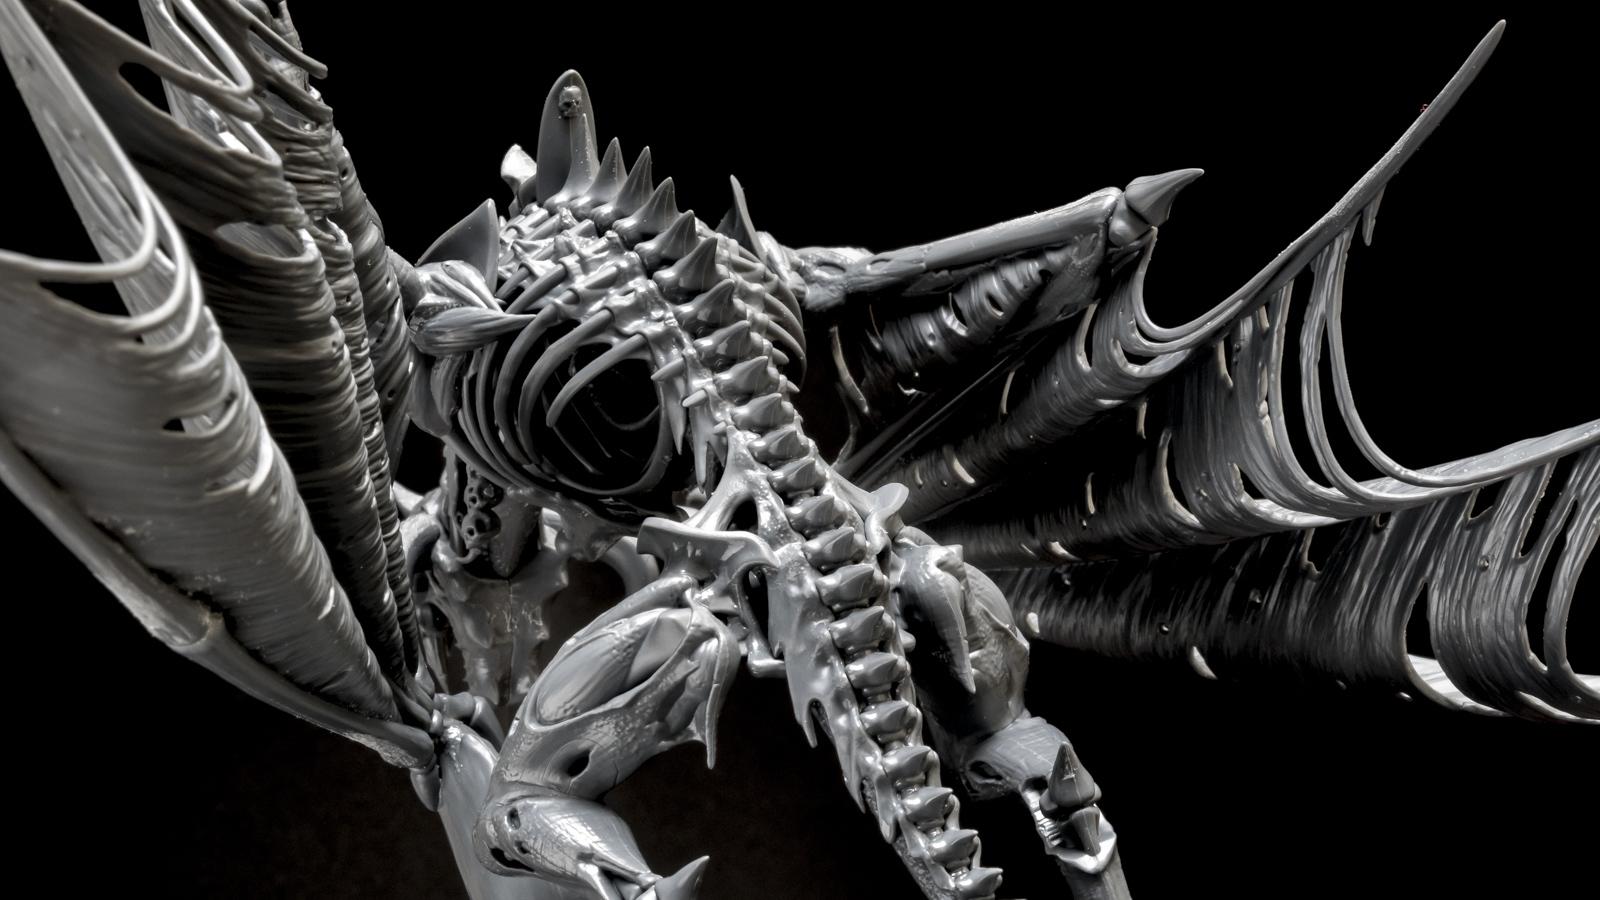 キミは腐ったドラゴンのプラモデルを組んだことがあるか(前編)_b0029315_23410528.jpg